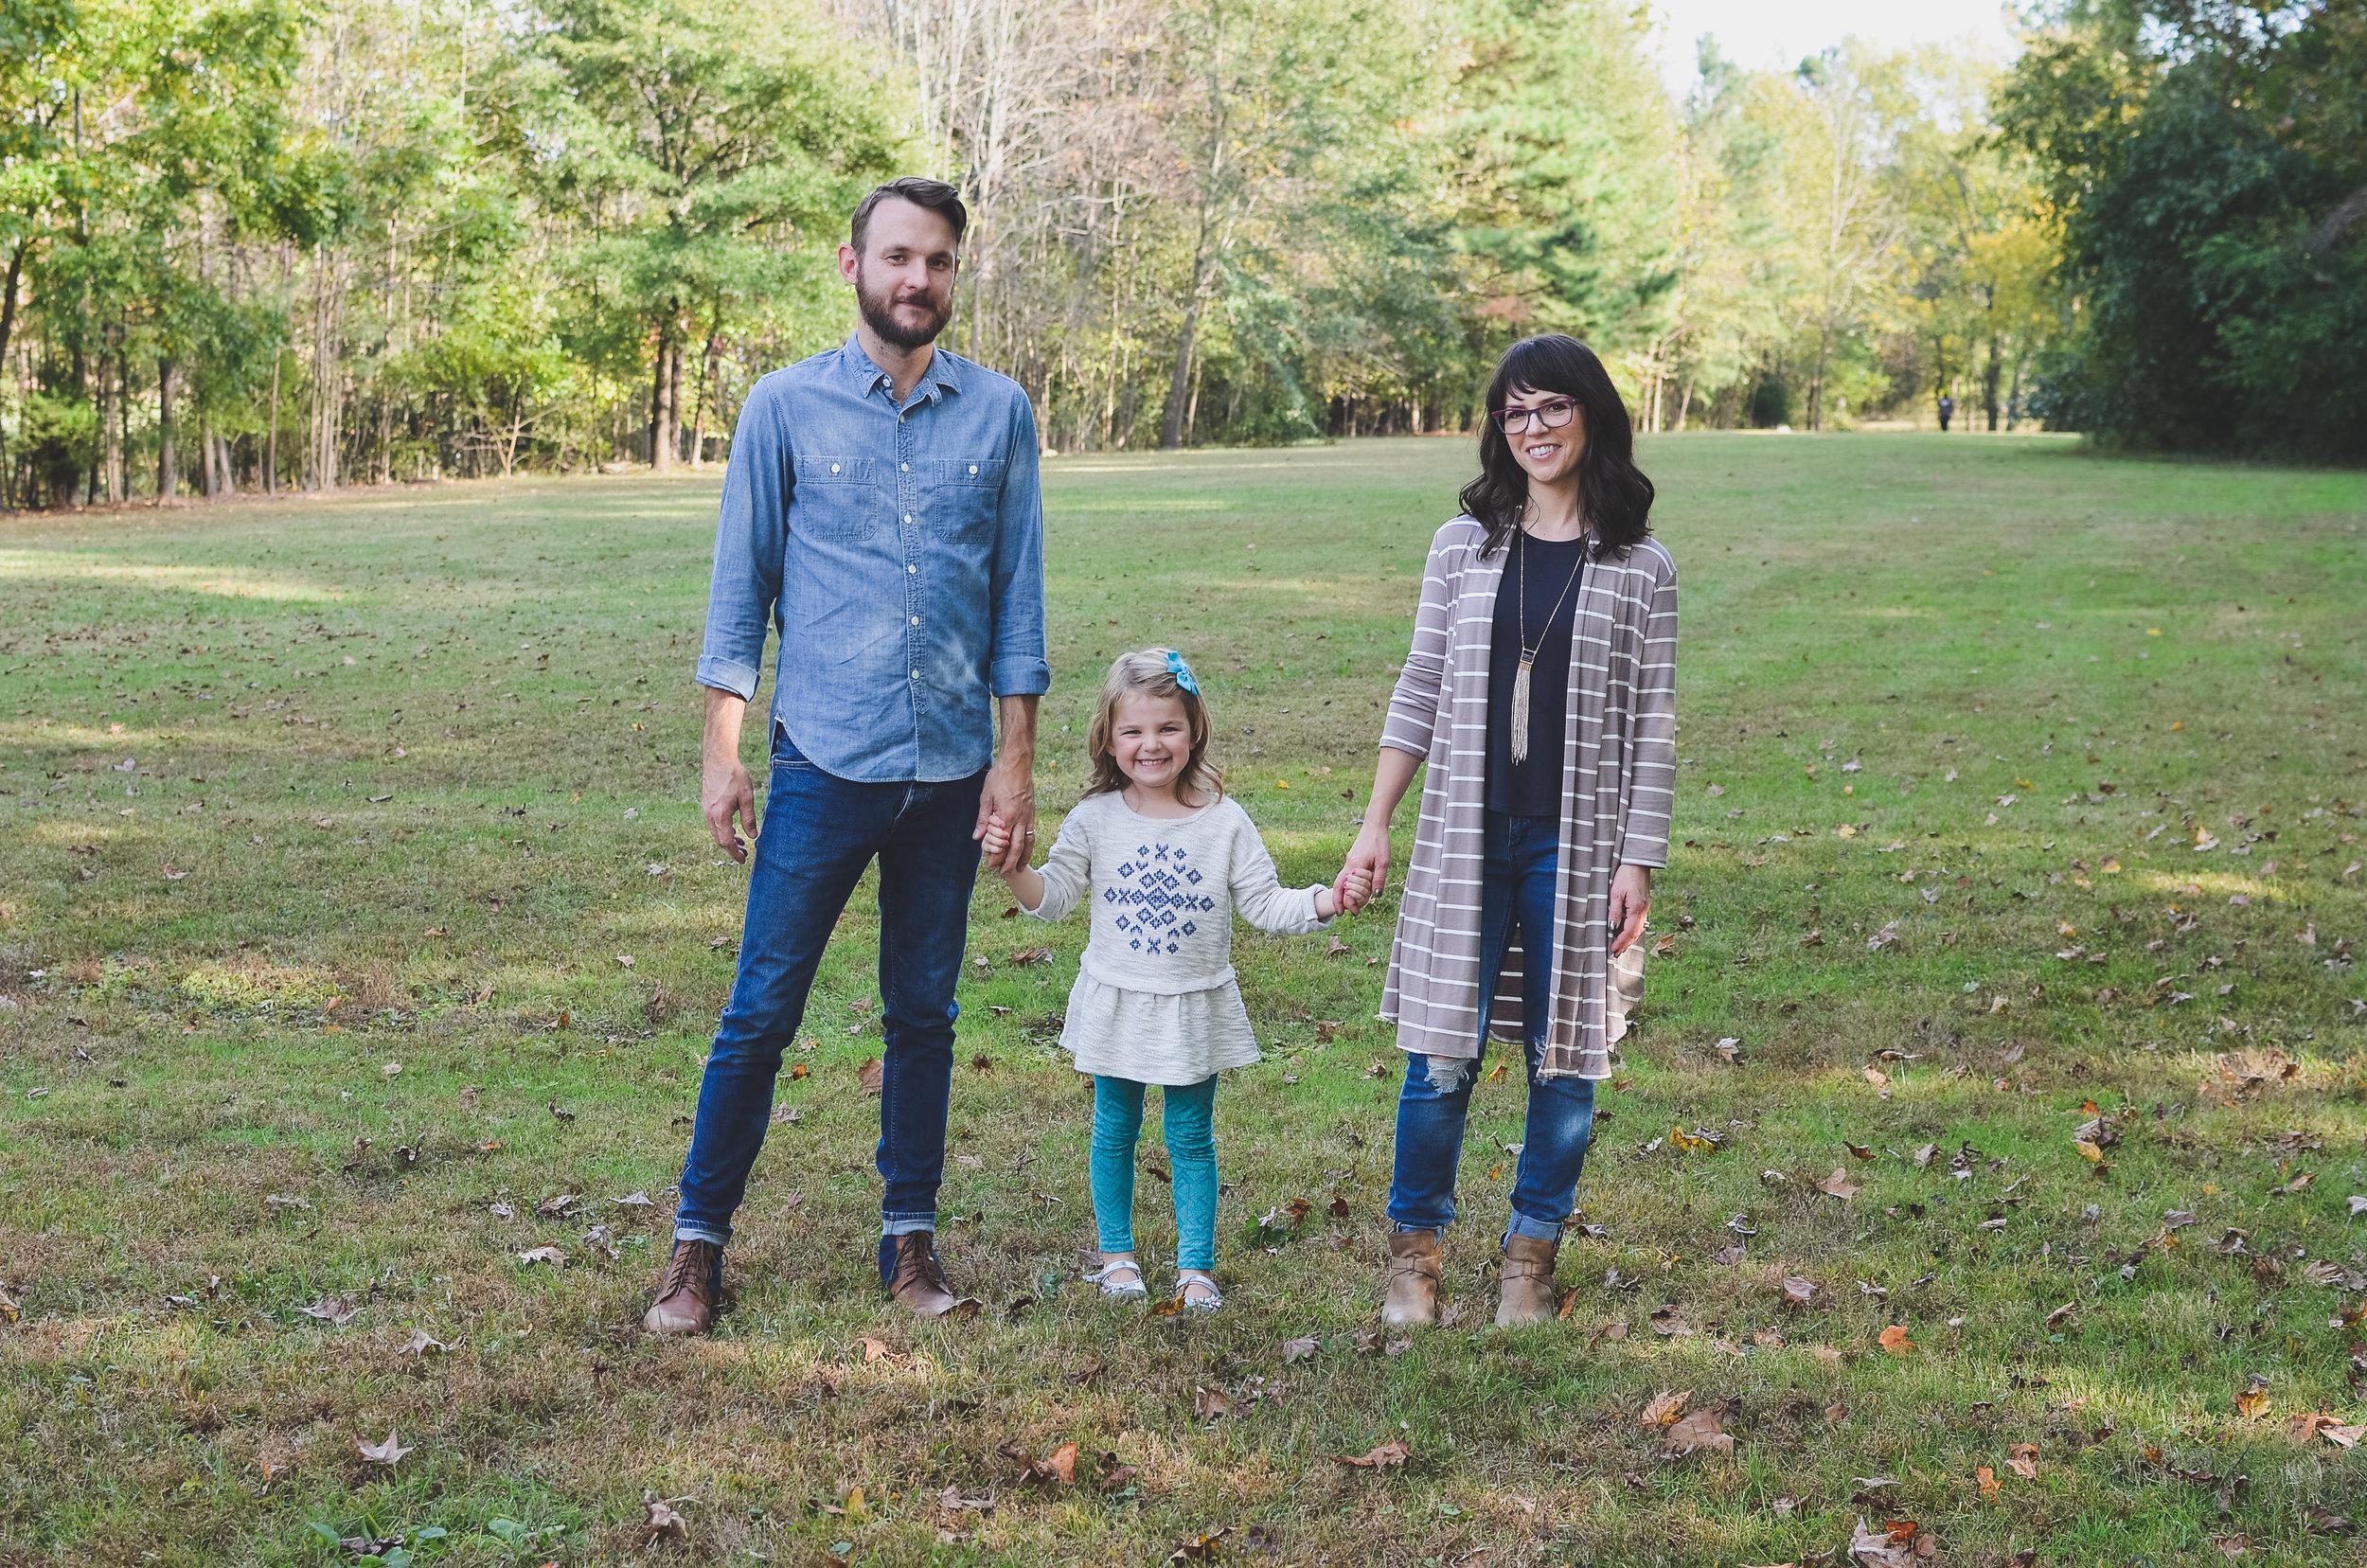 Azalea and family